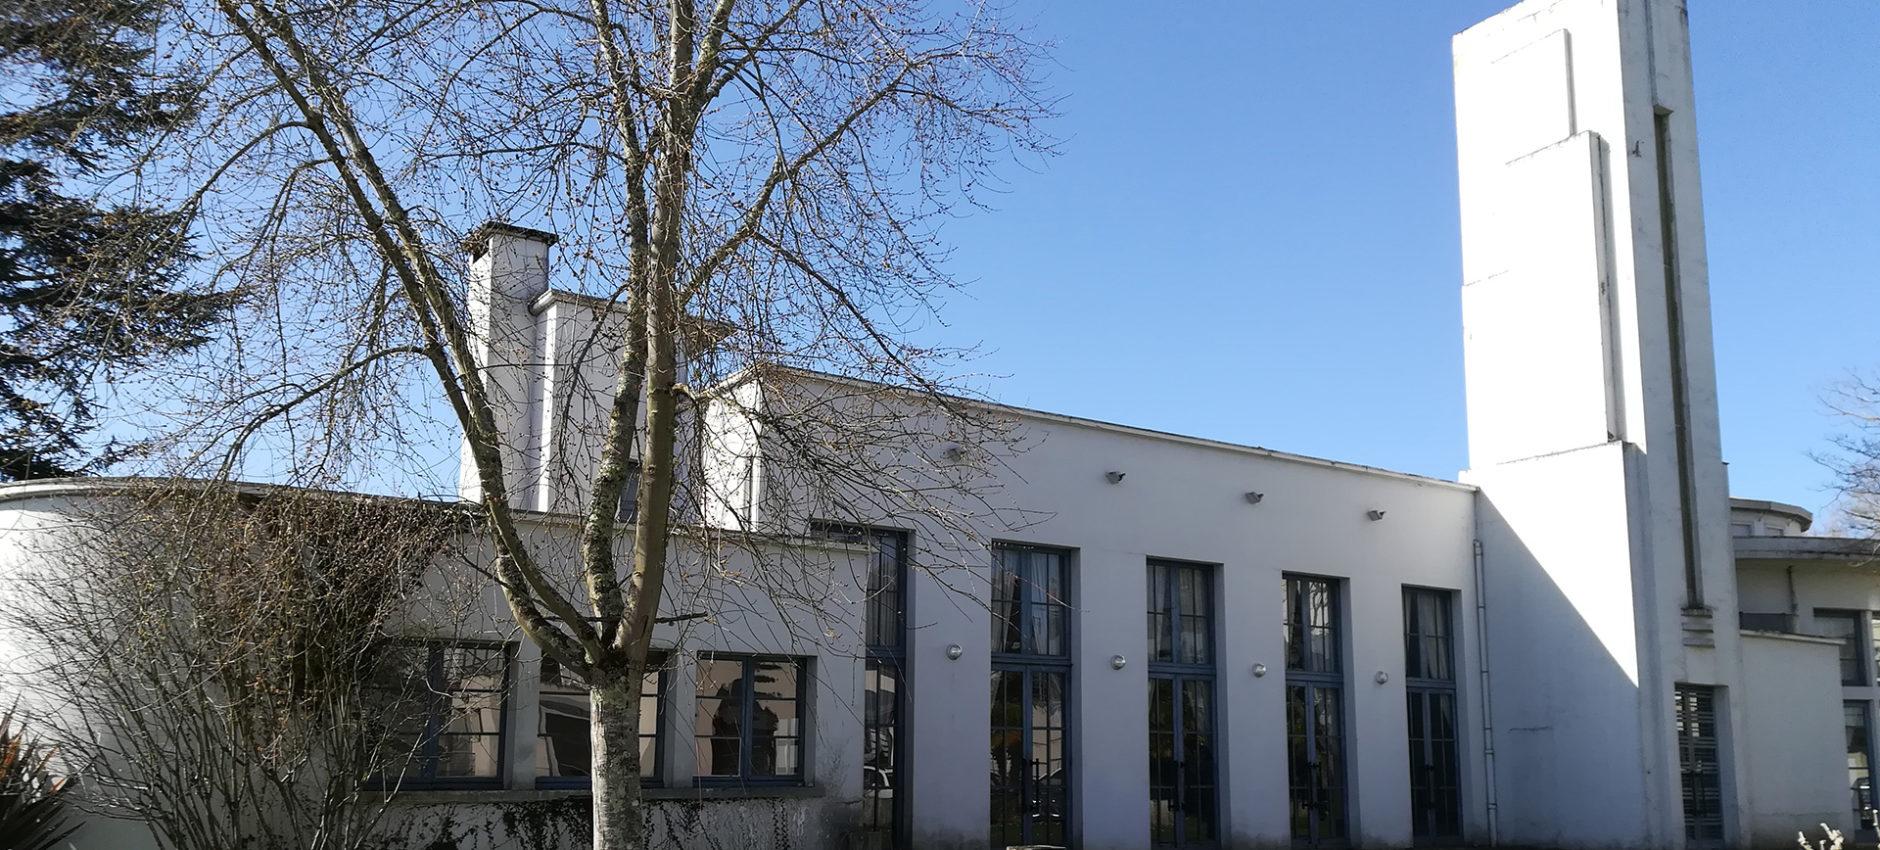 boca_architecture_projet_pavillon_saleys_03.jpg